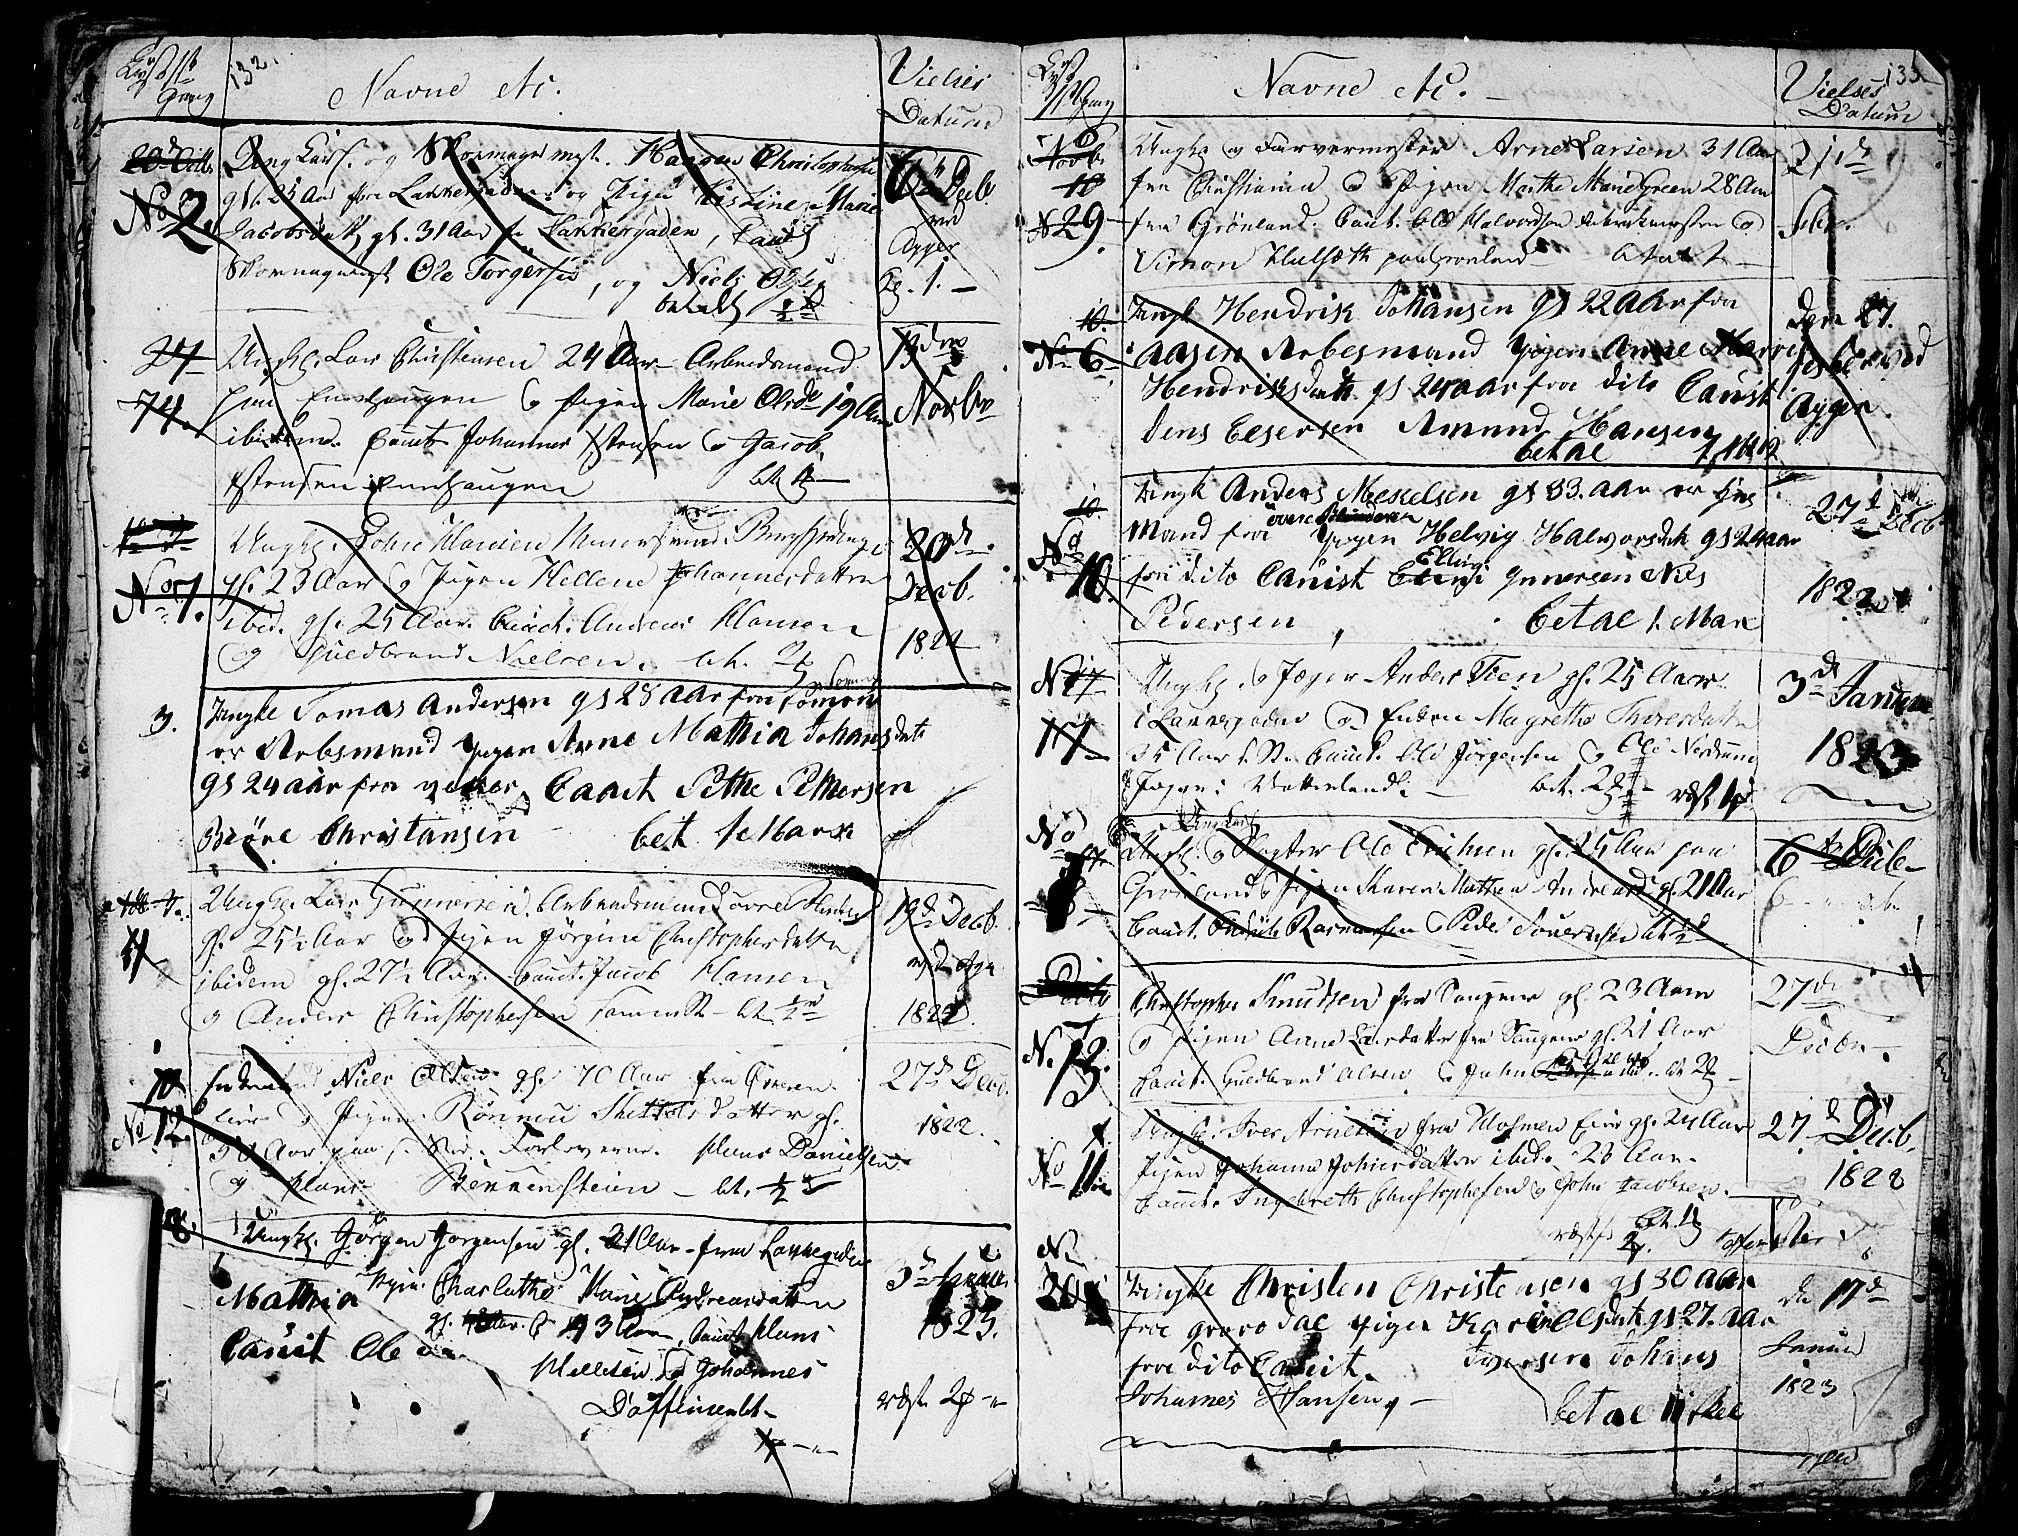 SAO, Aker prestekontor kirkebøker, G/L0001: Klokkerbok nr. 1, 1796-1826, s. 132-133